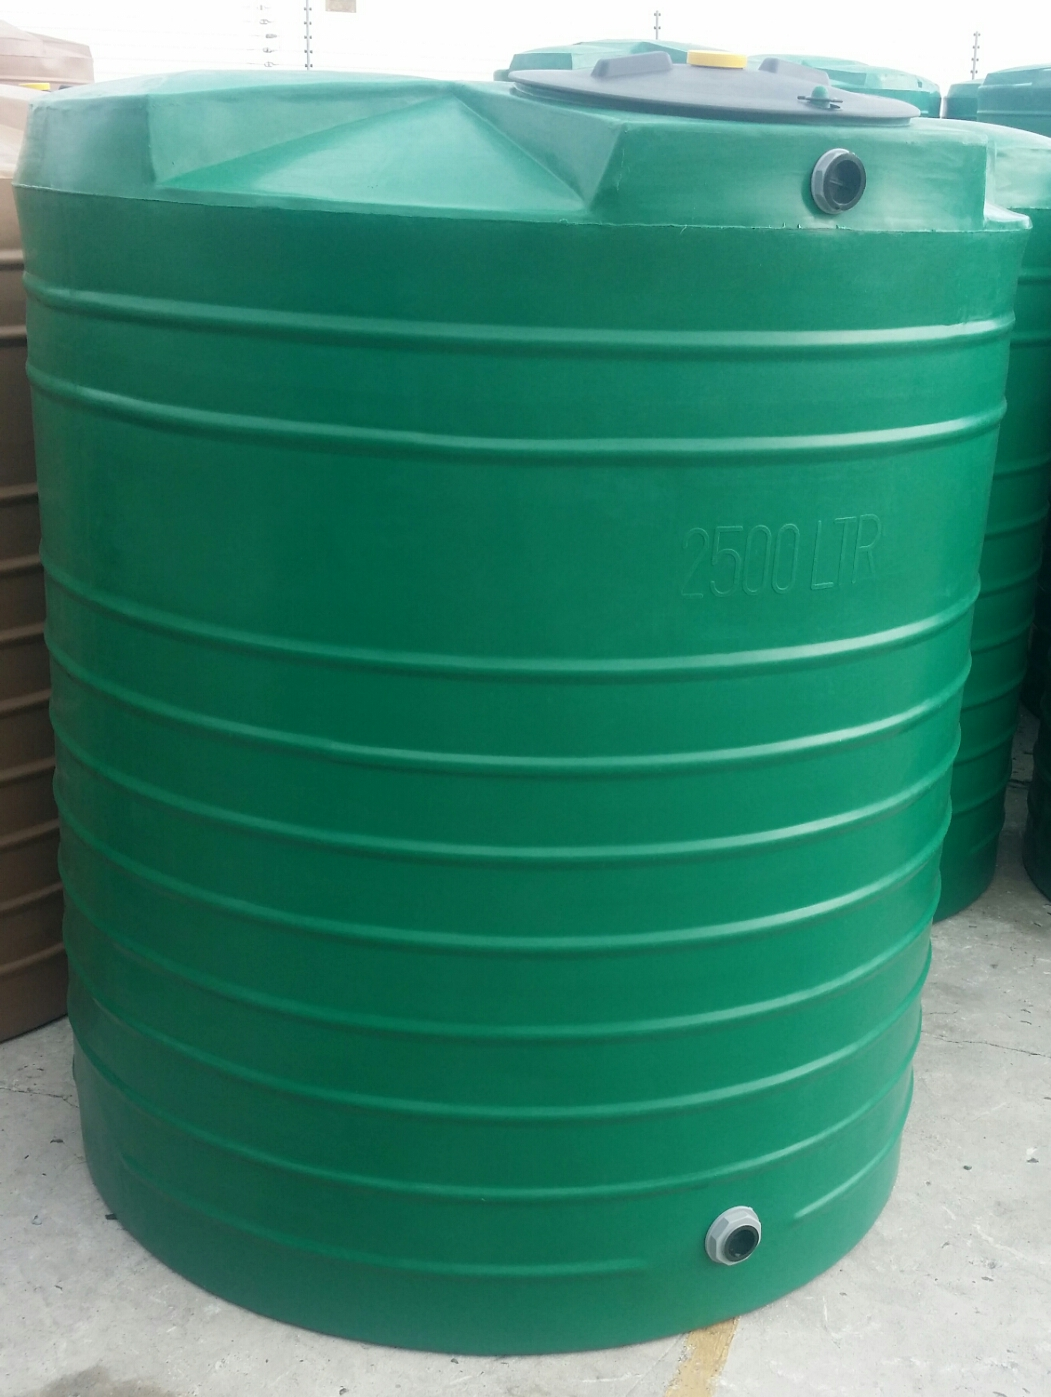 Water Tanks For Sale >> Jojo 5000l Water Tanks For Sale